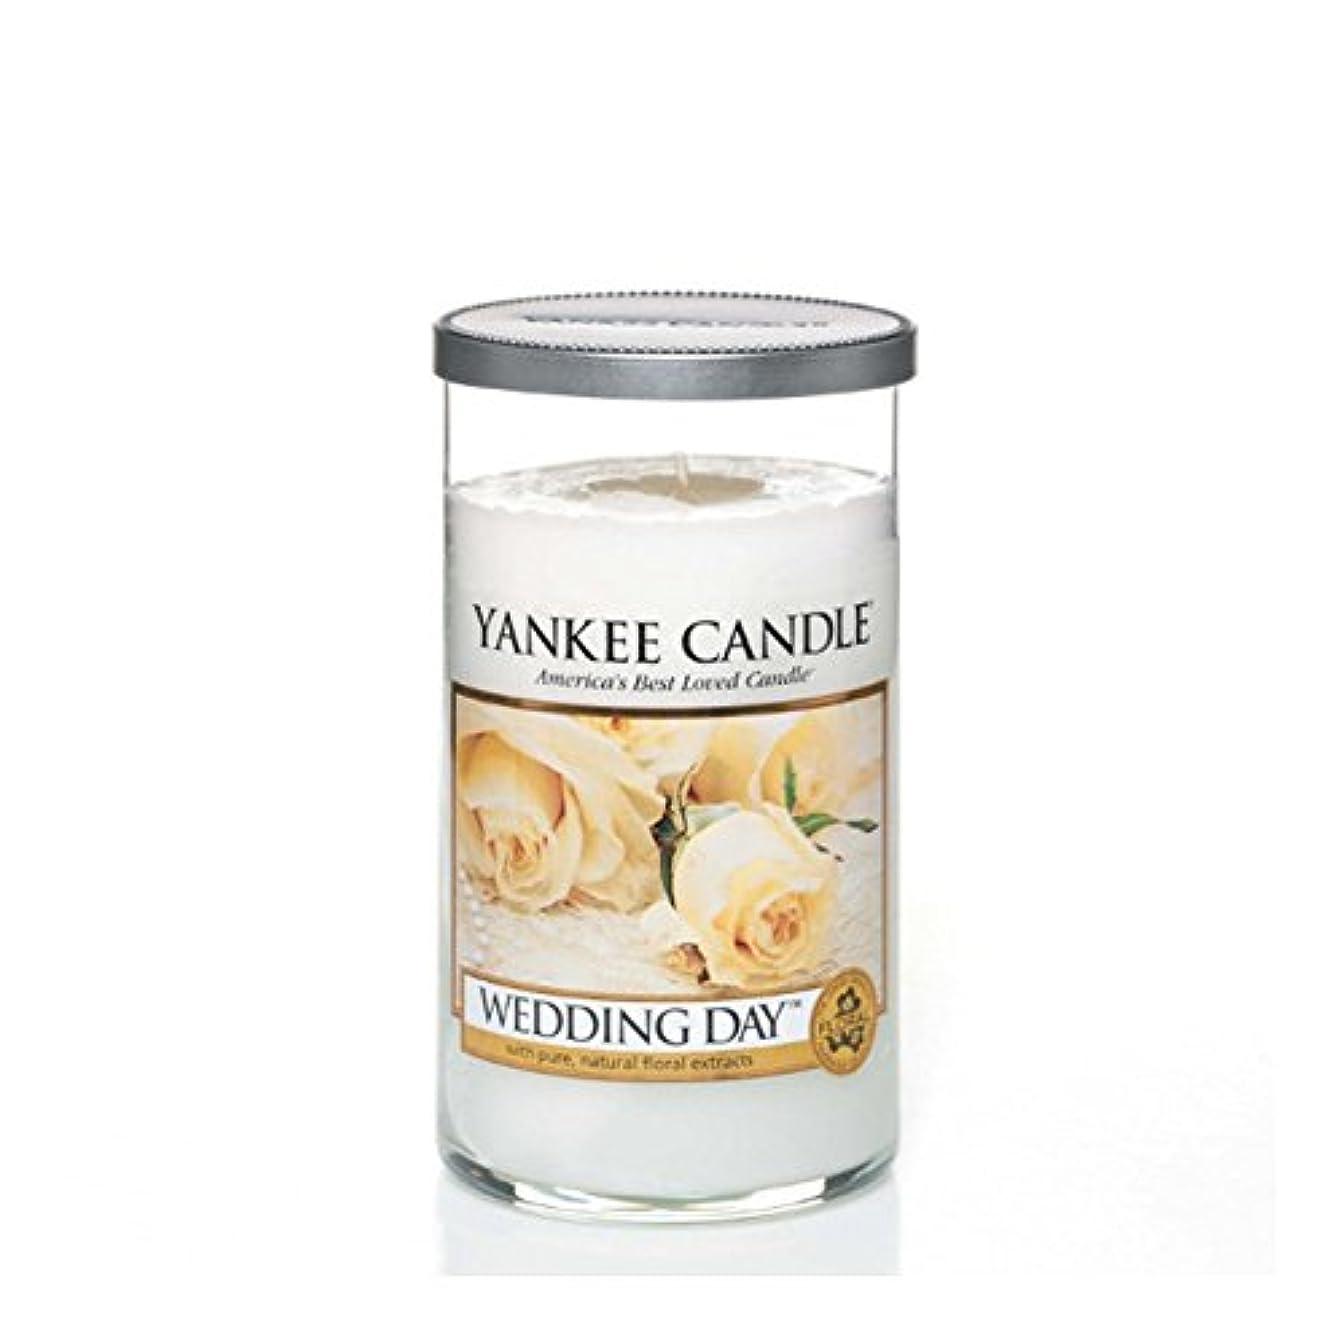 美容師液化する現代のヤンキーキャンドルメディアピラーキャンドル - 結婚式の日 - Yankee Candles Medium Pillar Candle - Wedding Day (Yankee Candles) [並行輸入品]